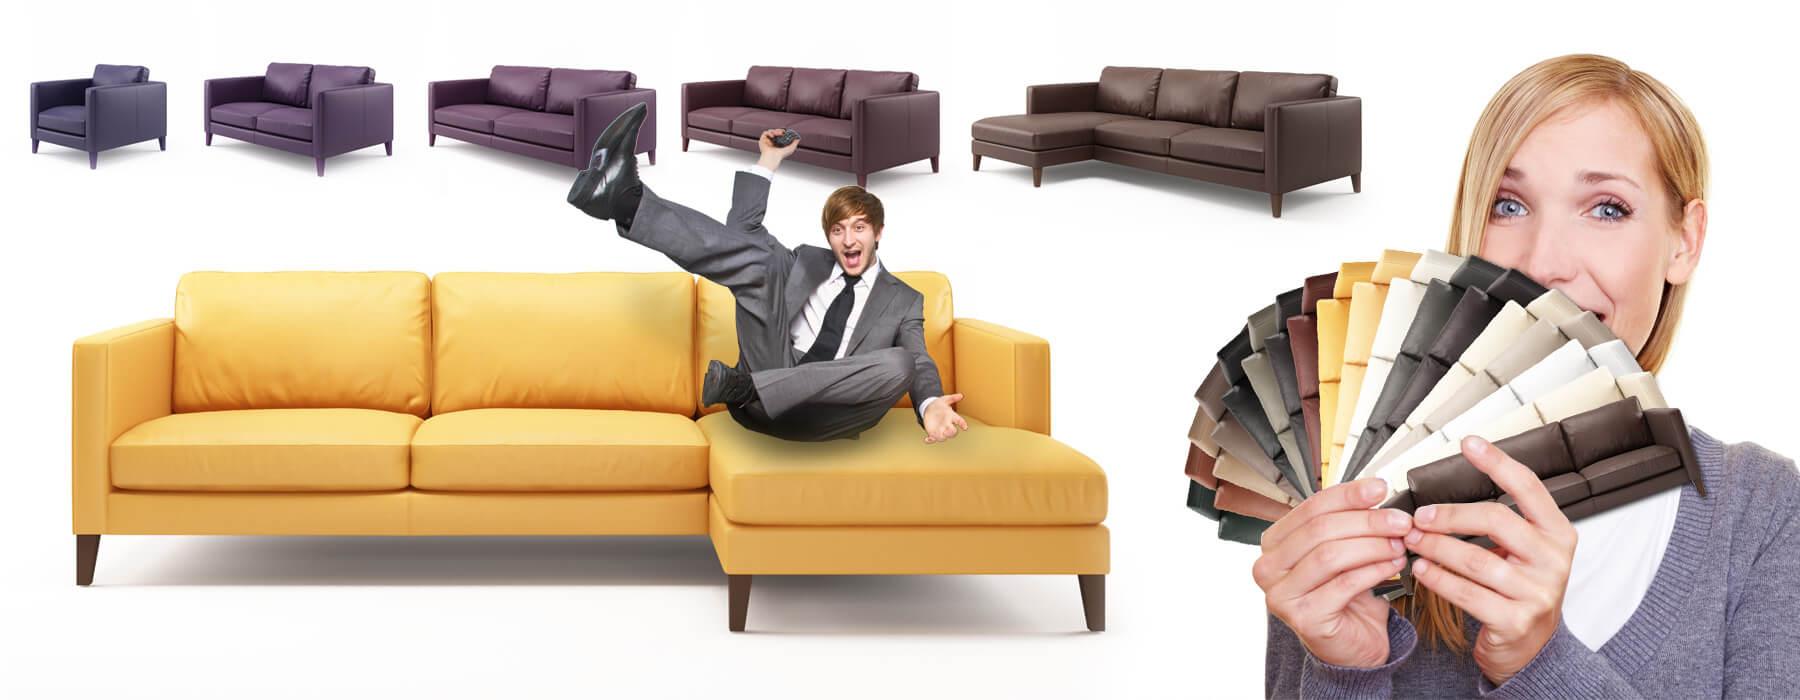 sind 3d dienstleitungen f r mein unternehmen sinnvoll 3d magazin. Black Bedroom Furniture Sets. Home Design Ideas